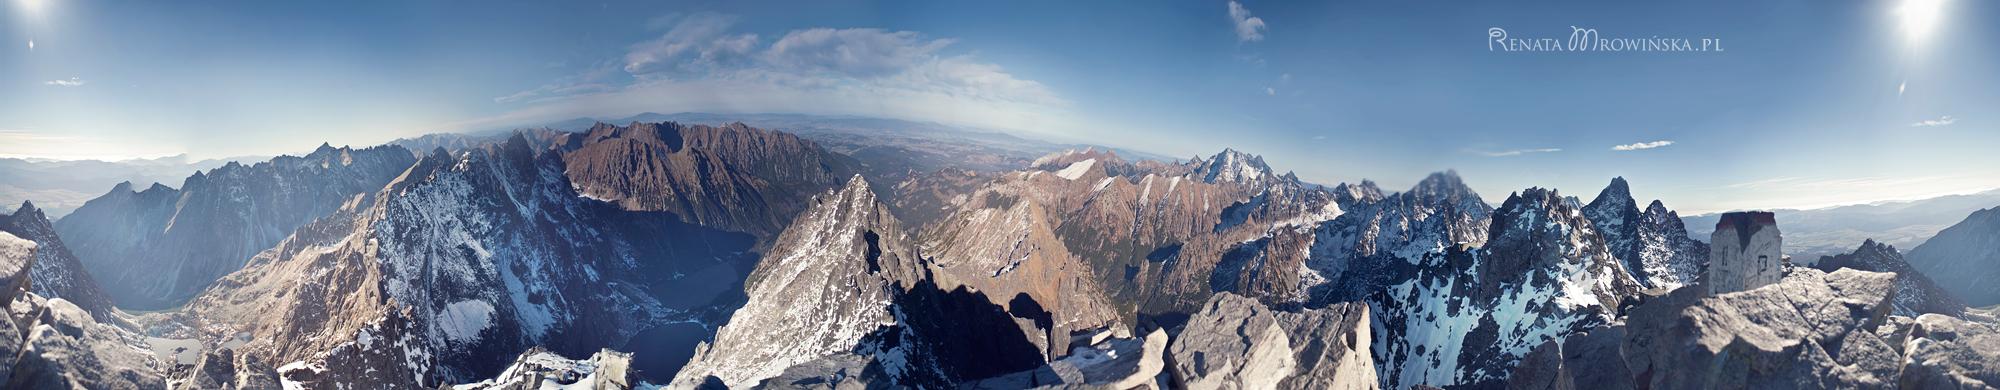 DSC_8488_panorama